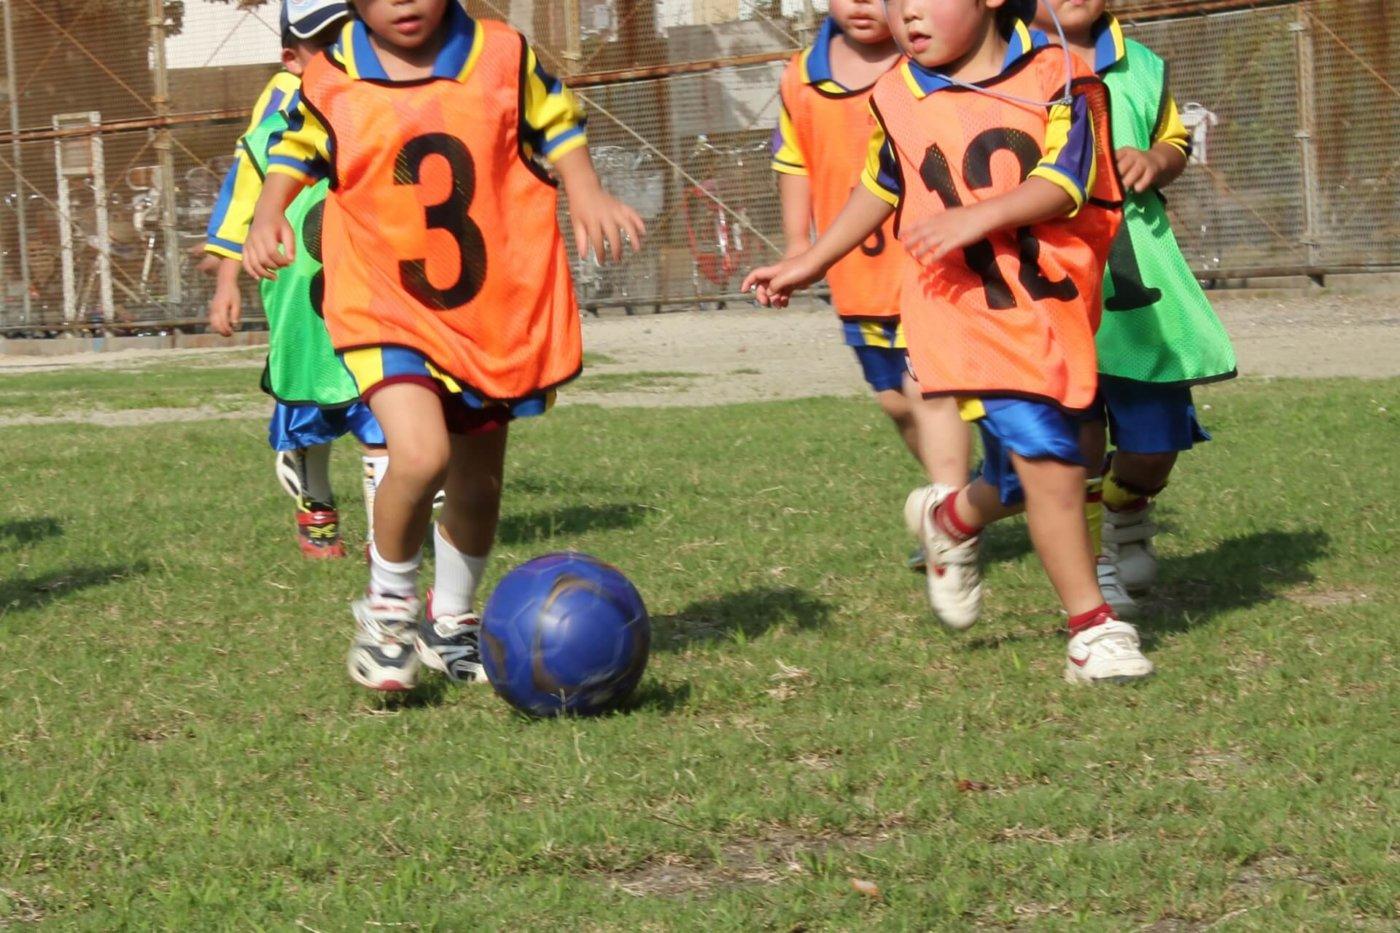 チームの意識向上に!オリジナルのサッカーユニフォームをオーダーしよう